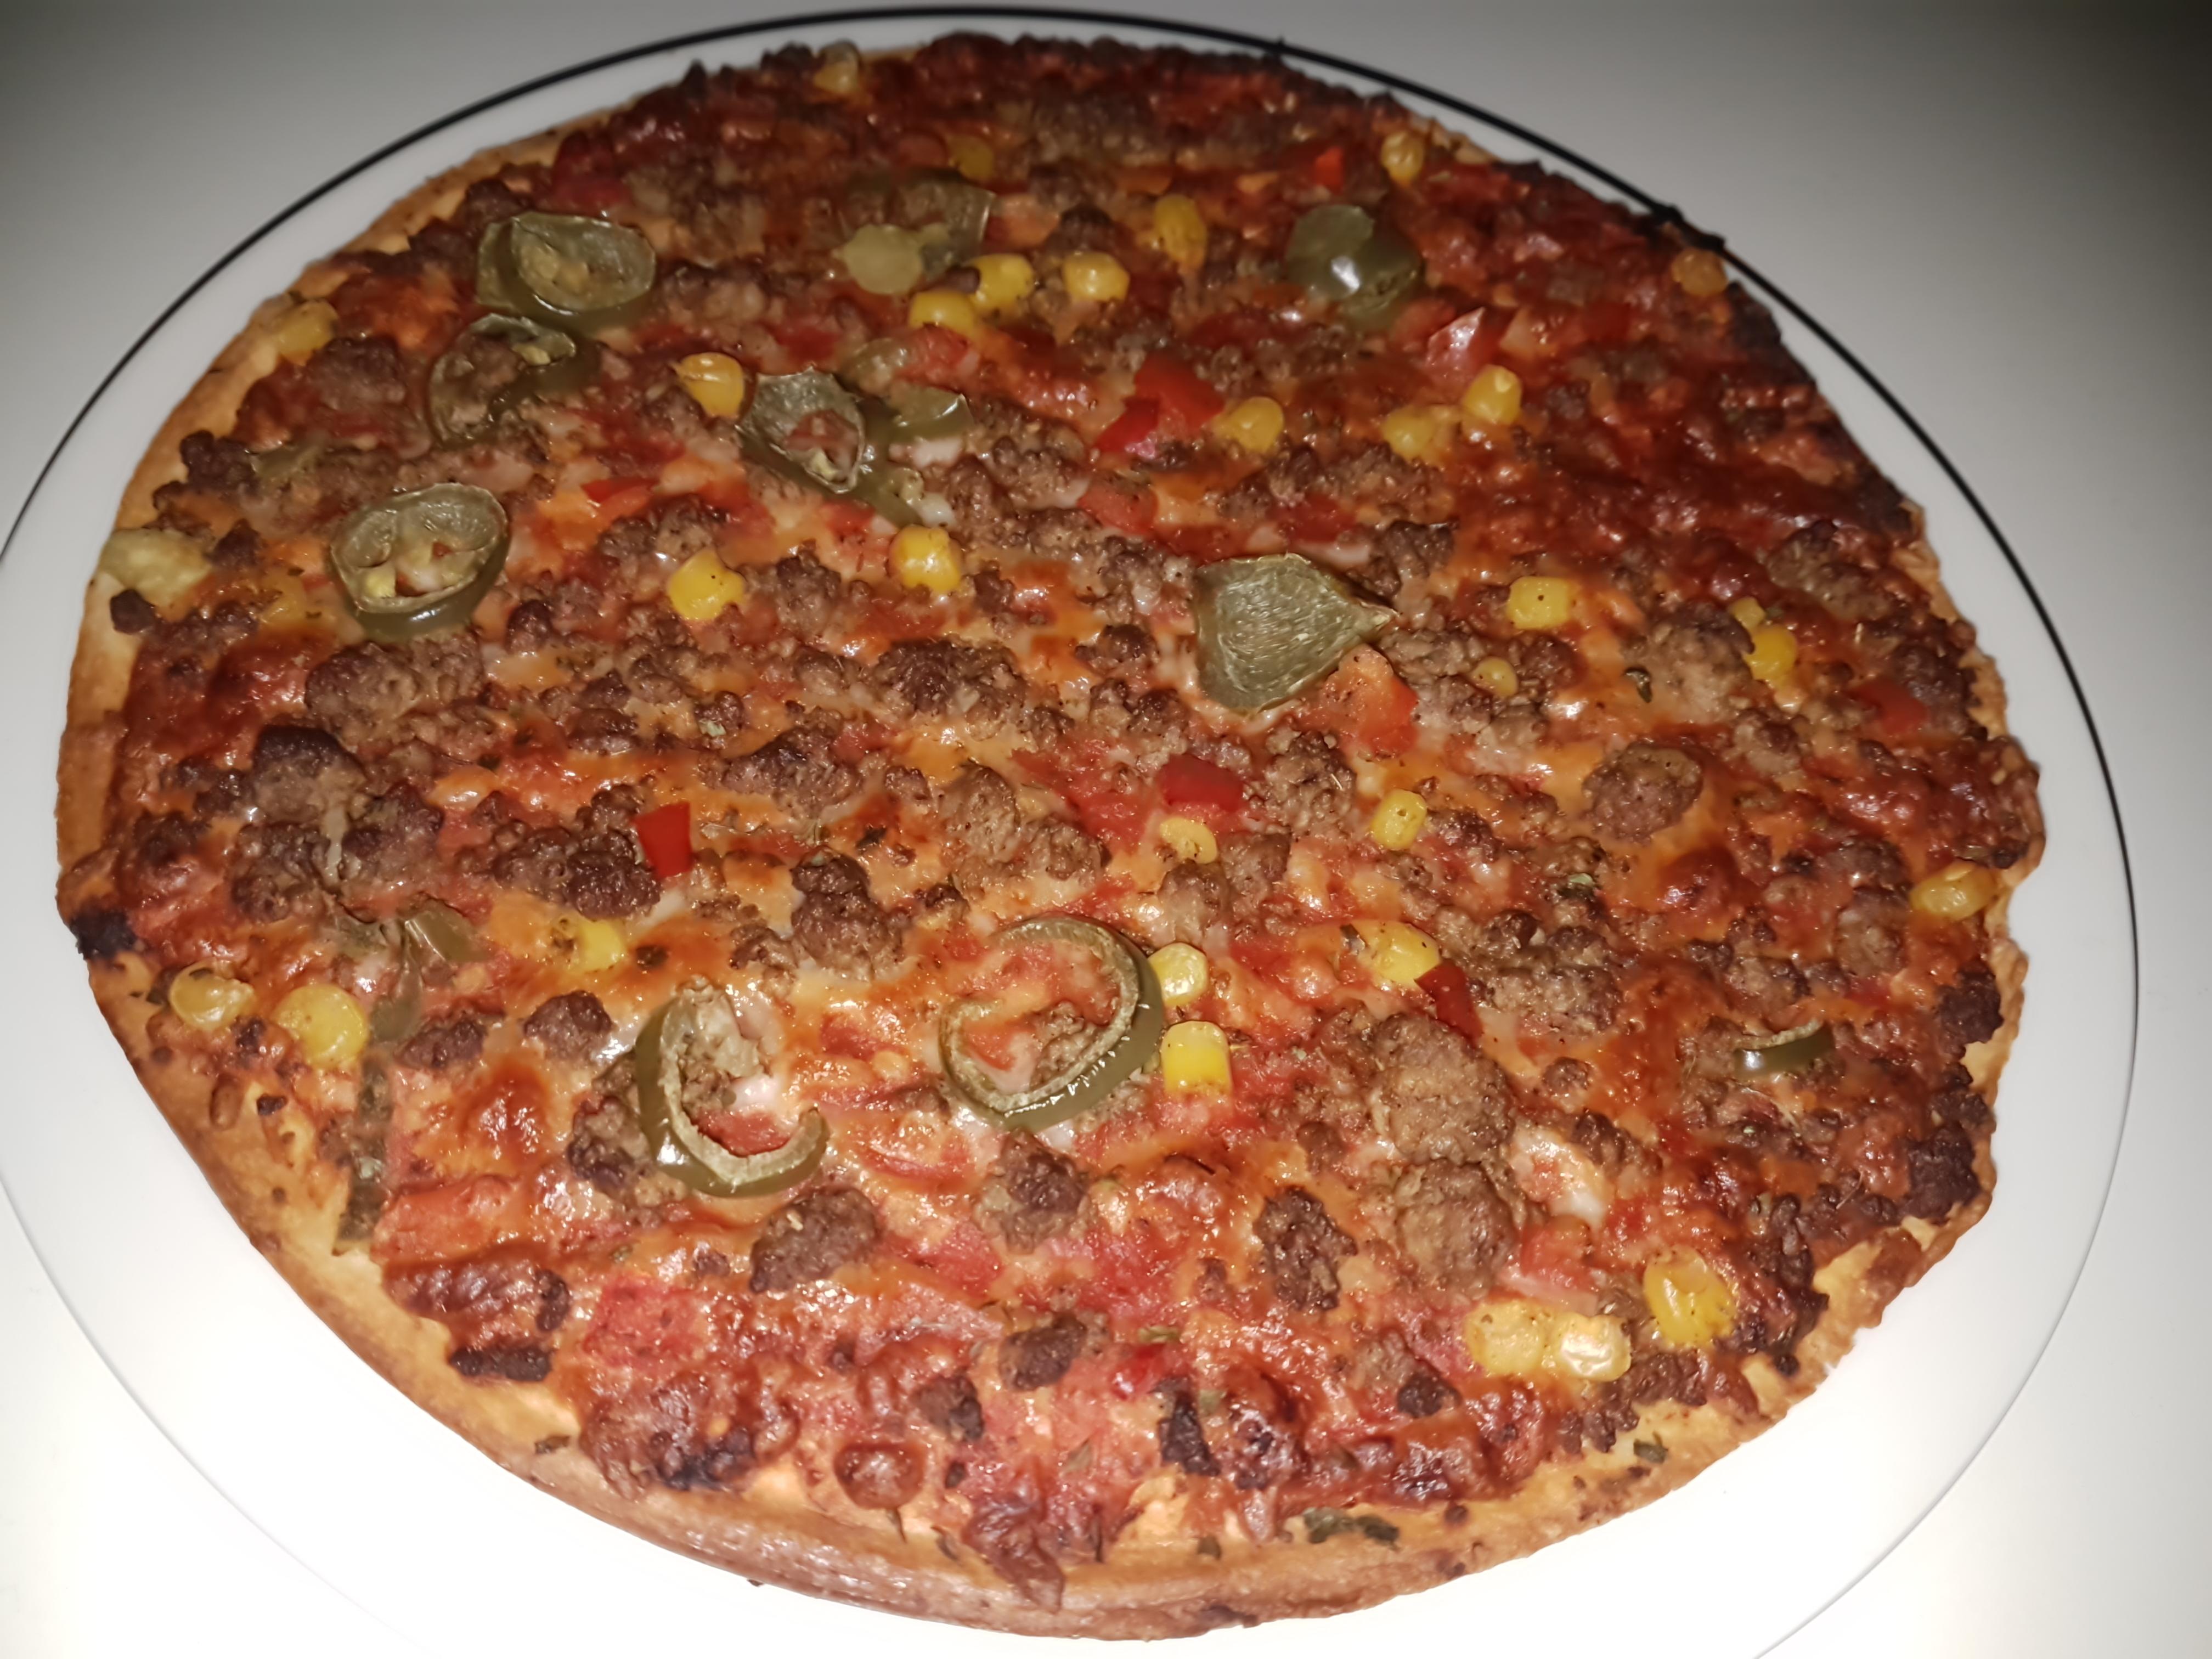 https://foodloader.net/Holz_2018-03-01_Pizza.jpg